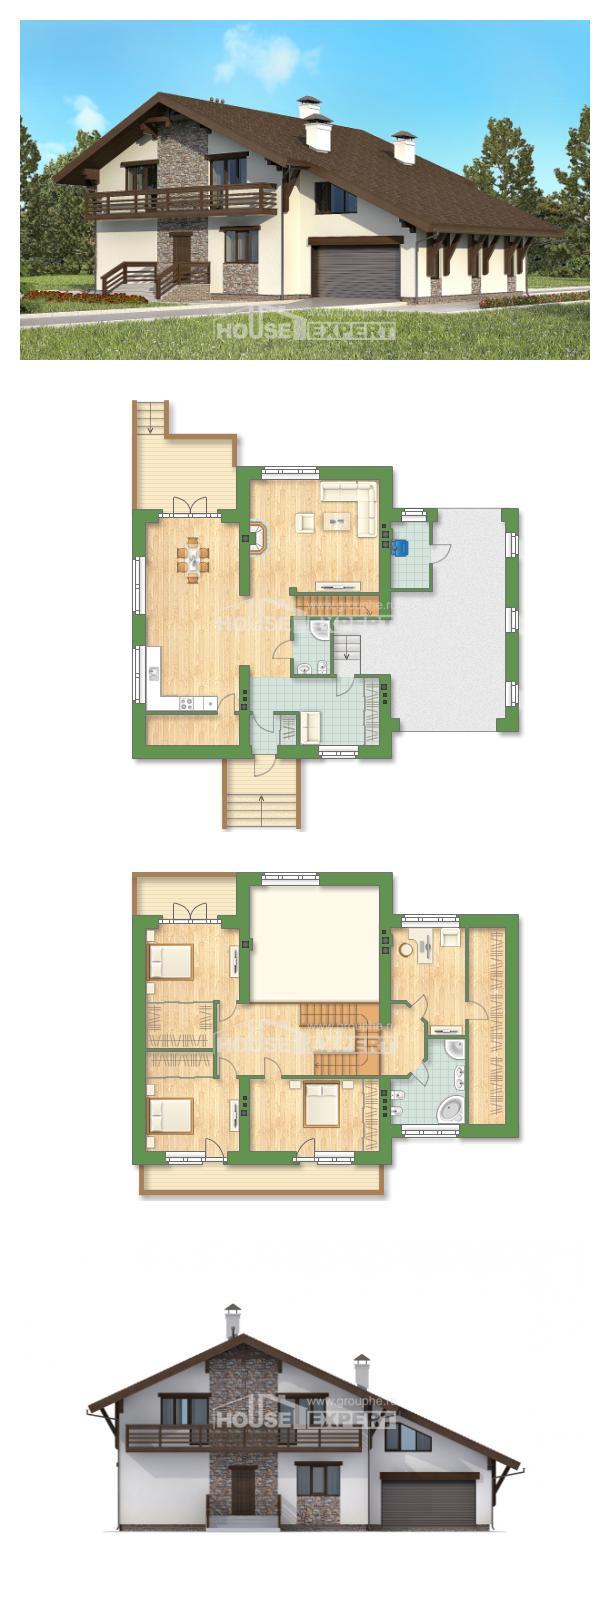 Proyecto de casa 280-001-R | House Expert